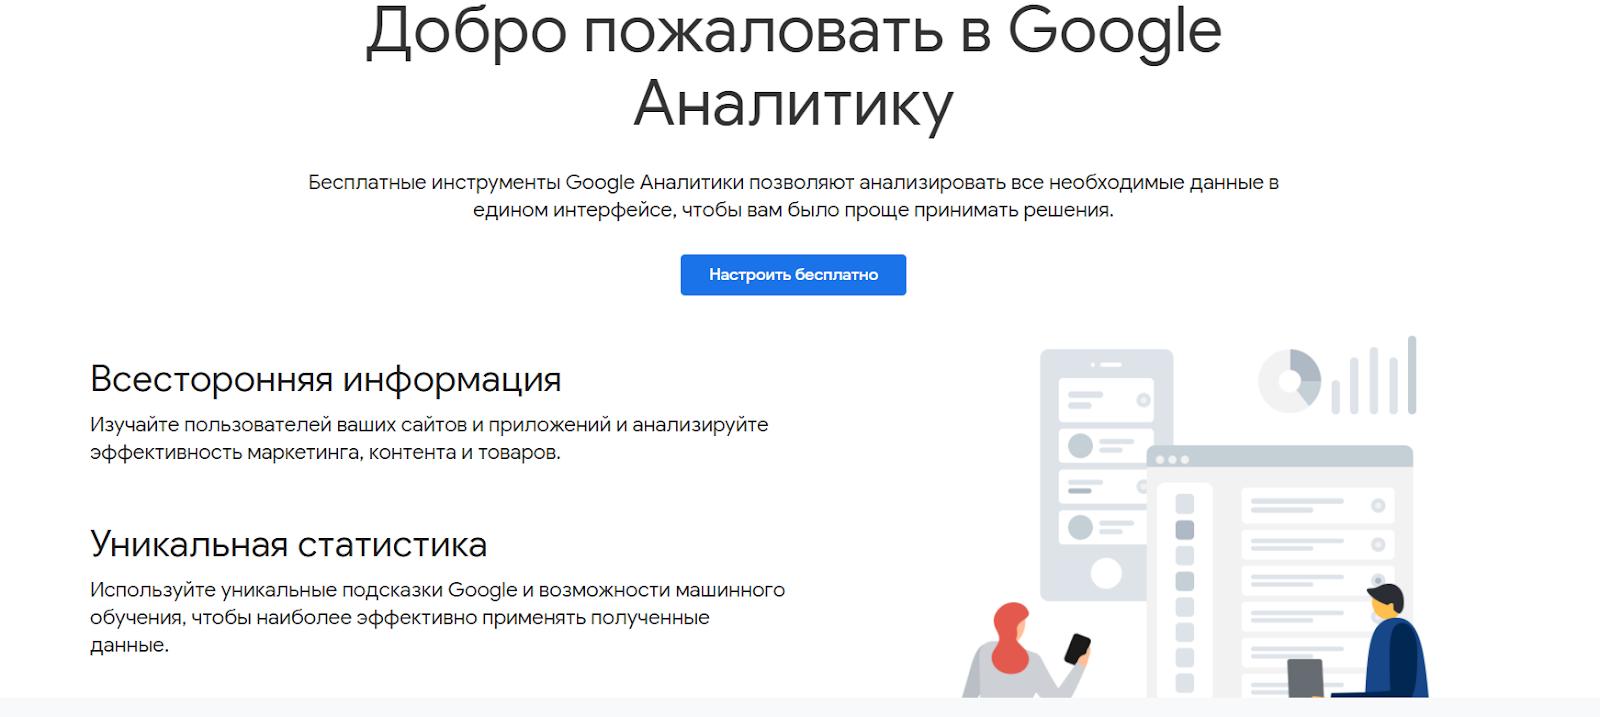 Как подключить Google Analytics к сайту 1